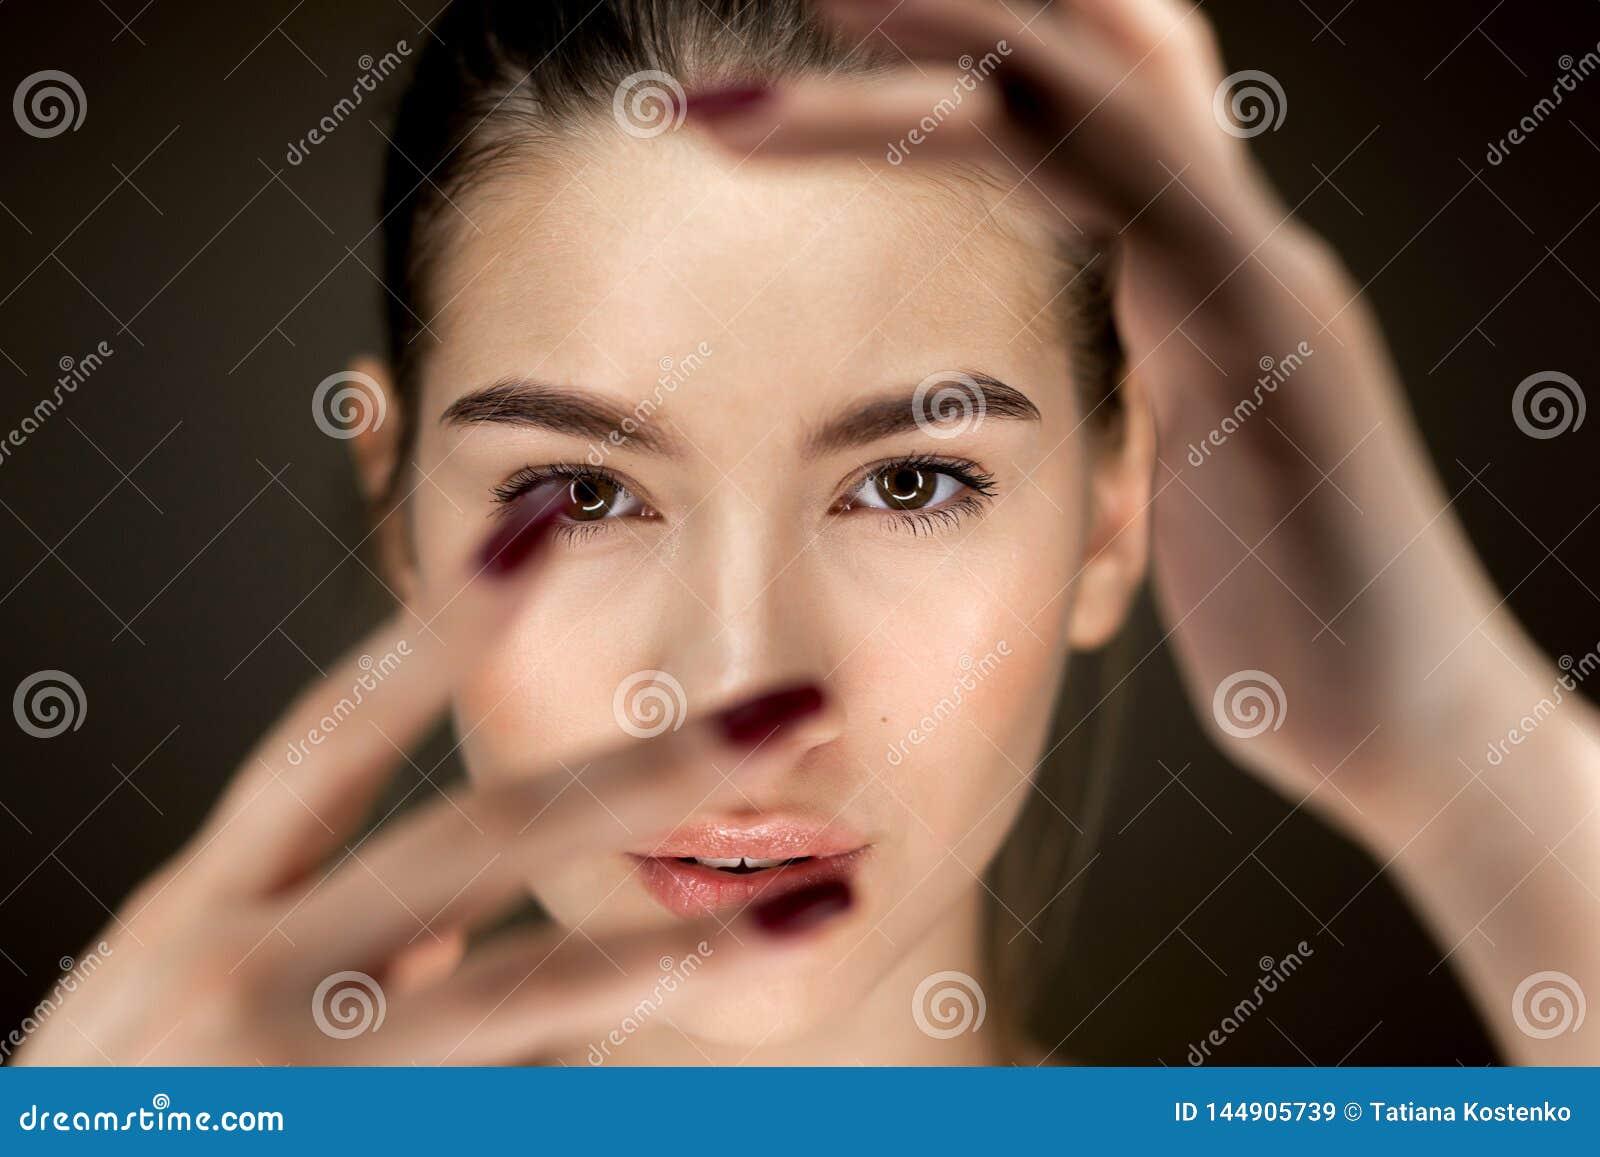 Retrato de la muchacha morena hermosa joven con el maquillaje natural que se sostiene los fingeres delante de su cara